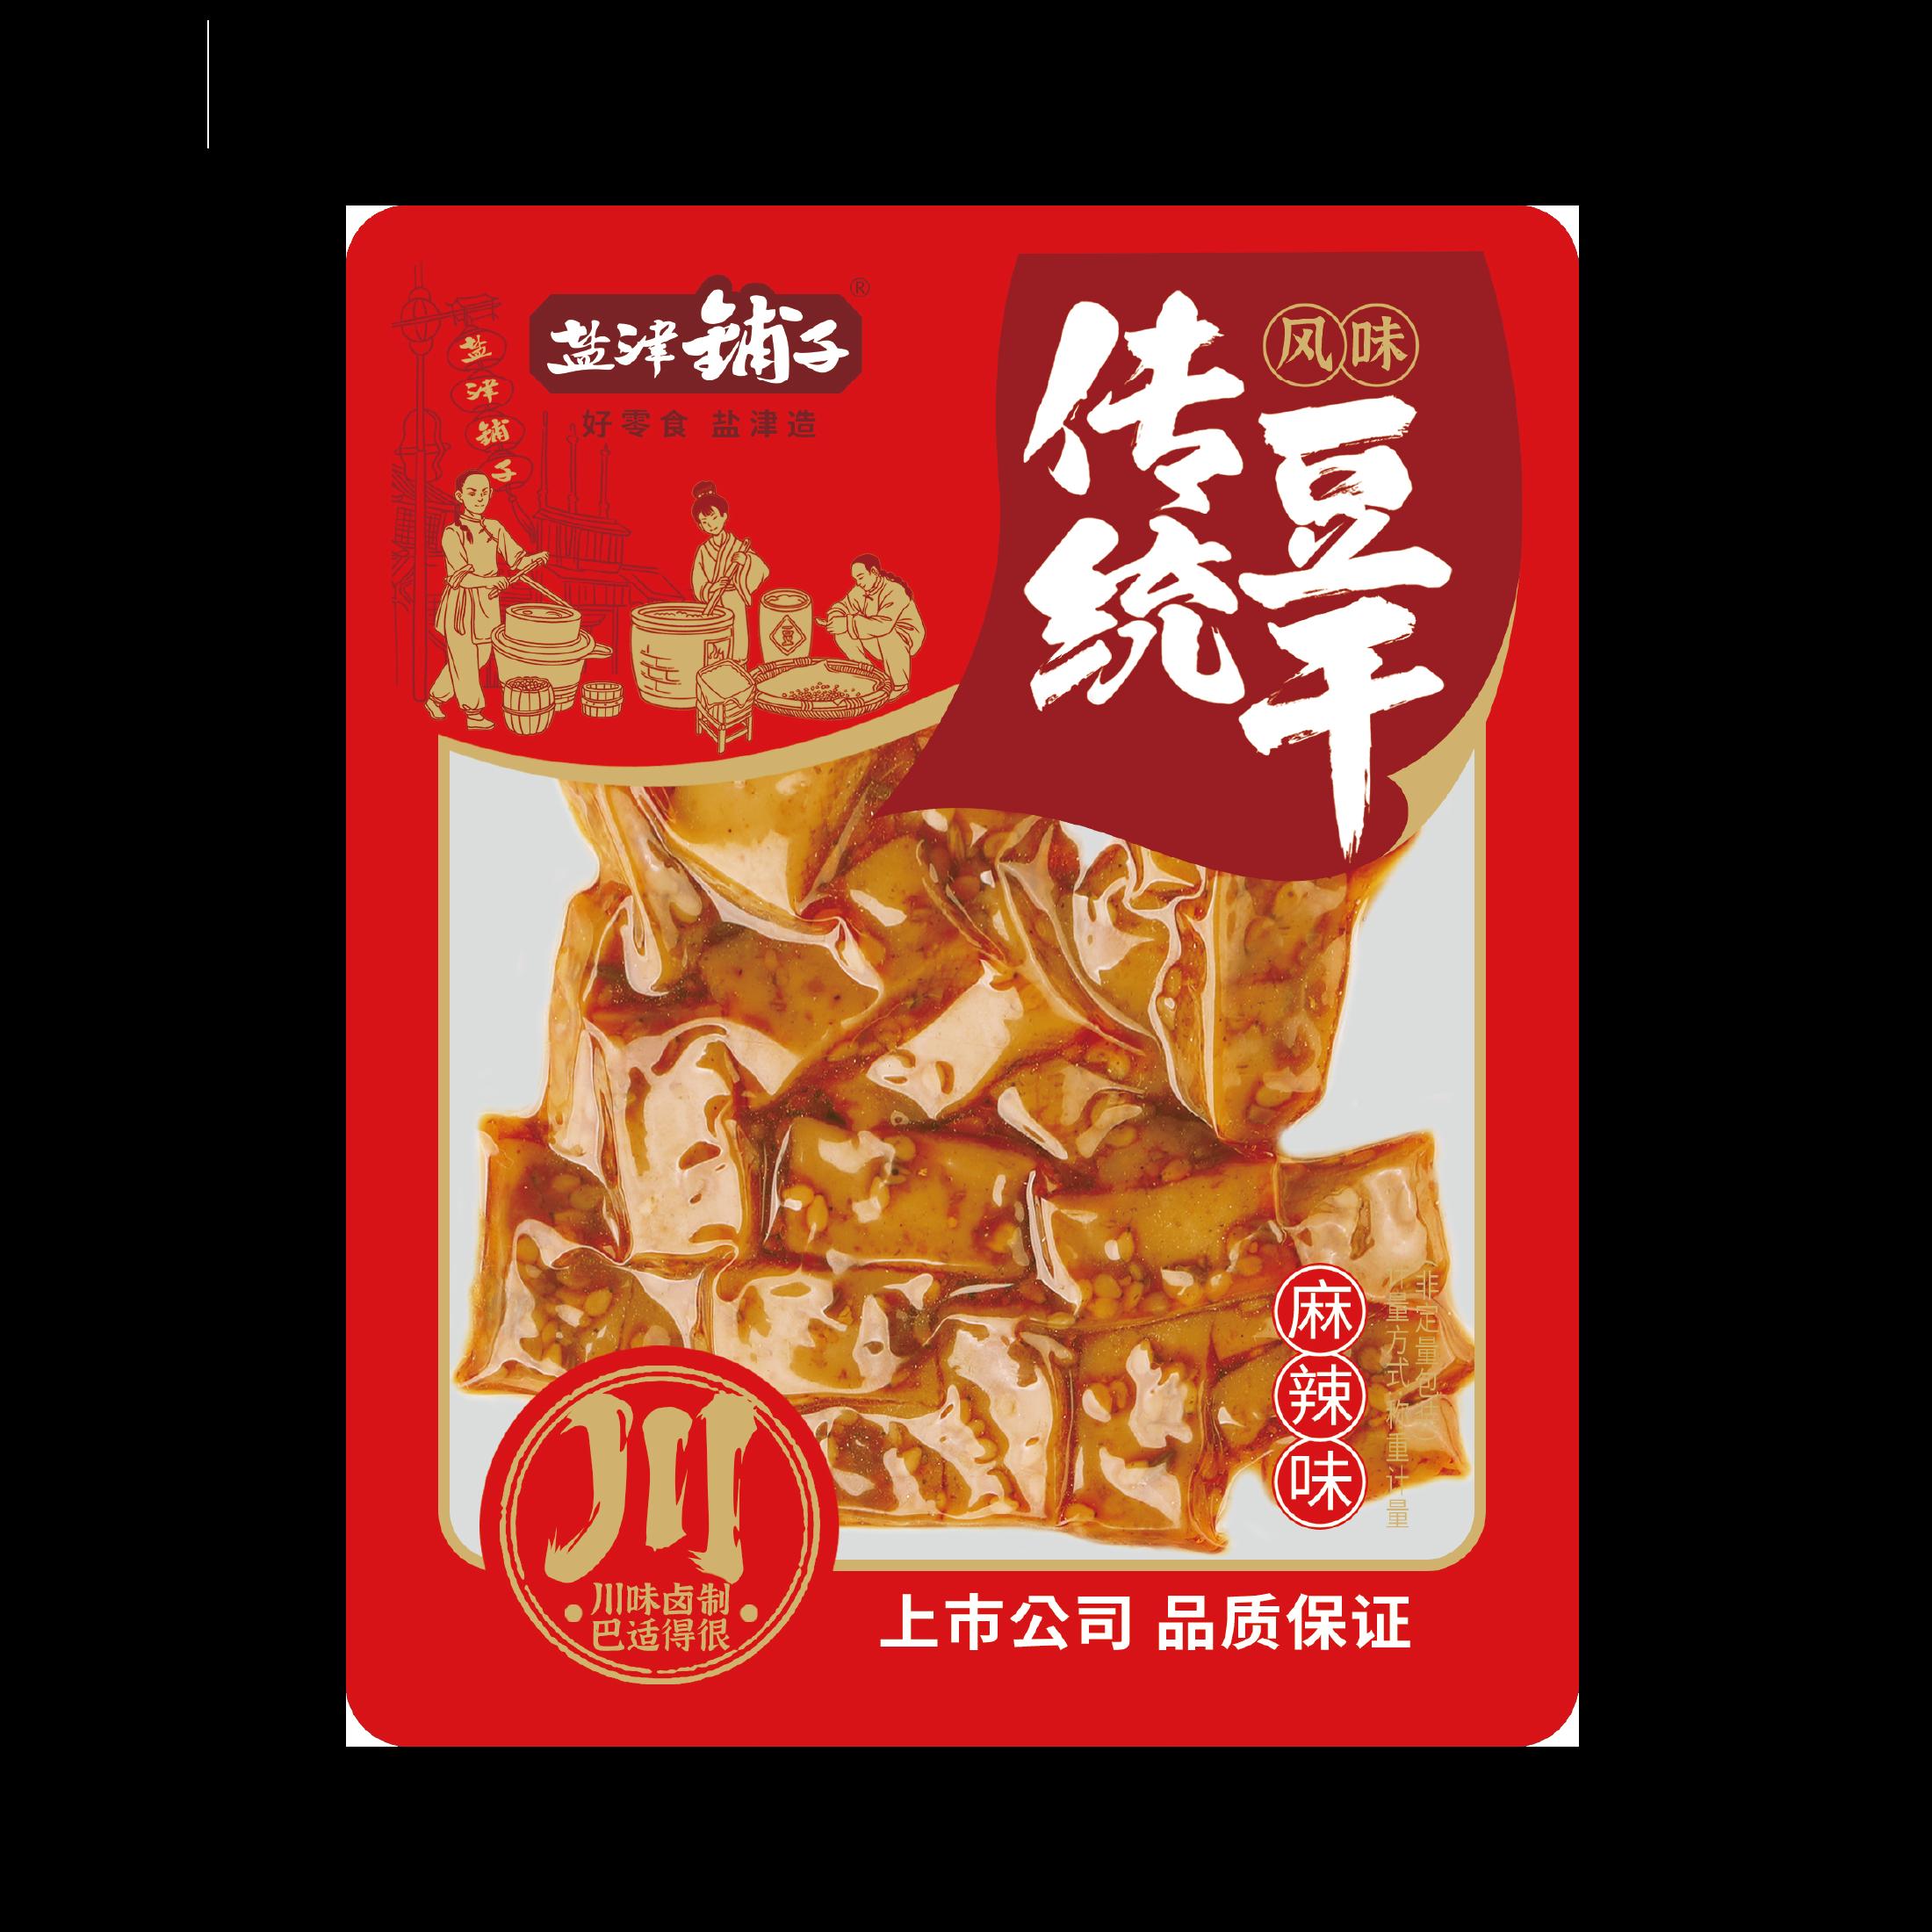 传统风味豆干-麻辣味